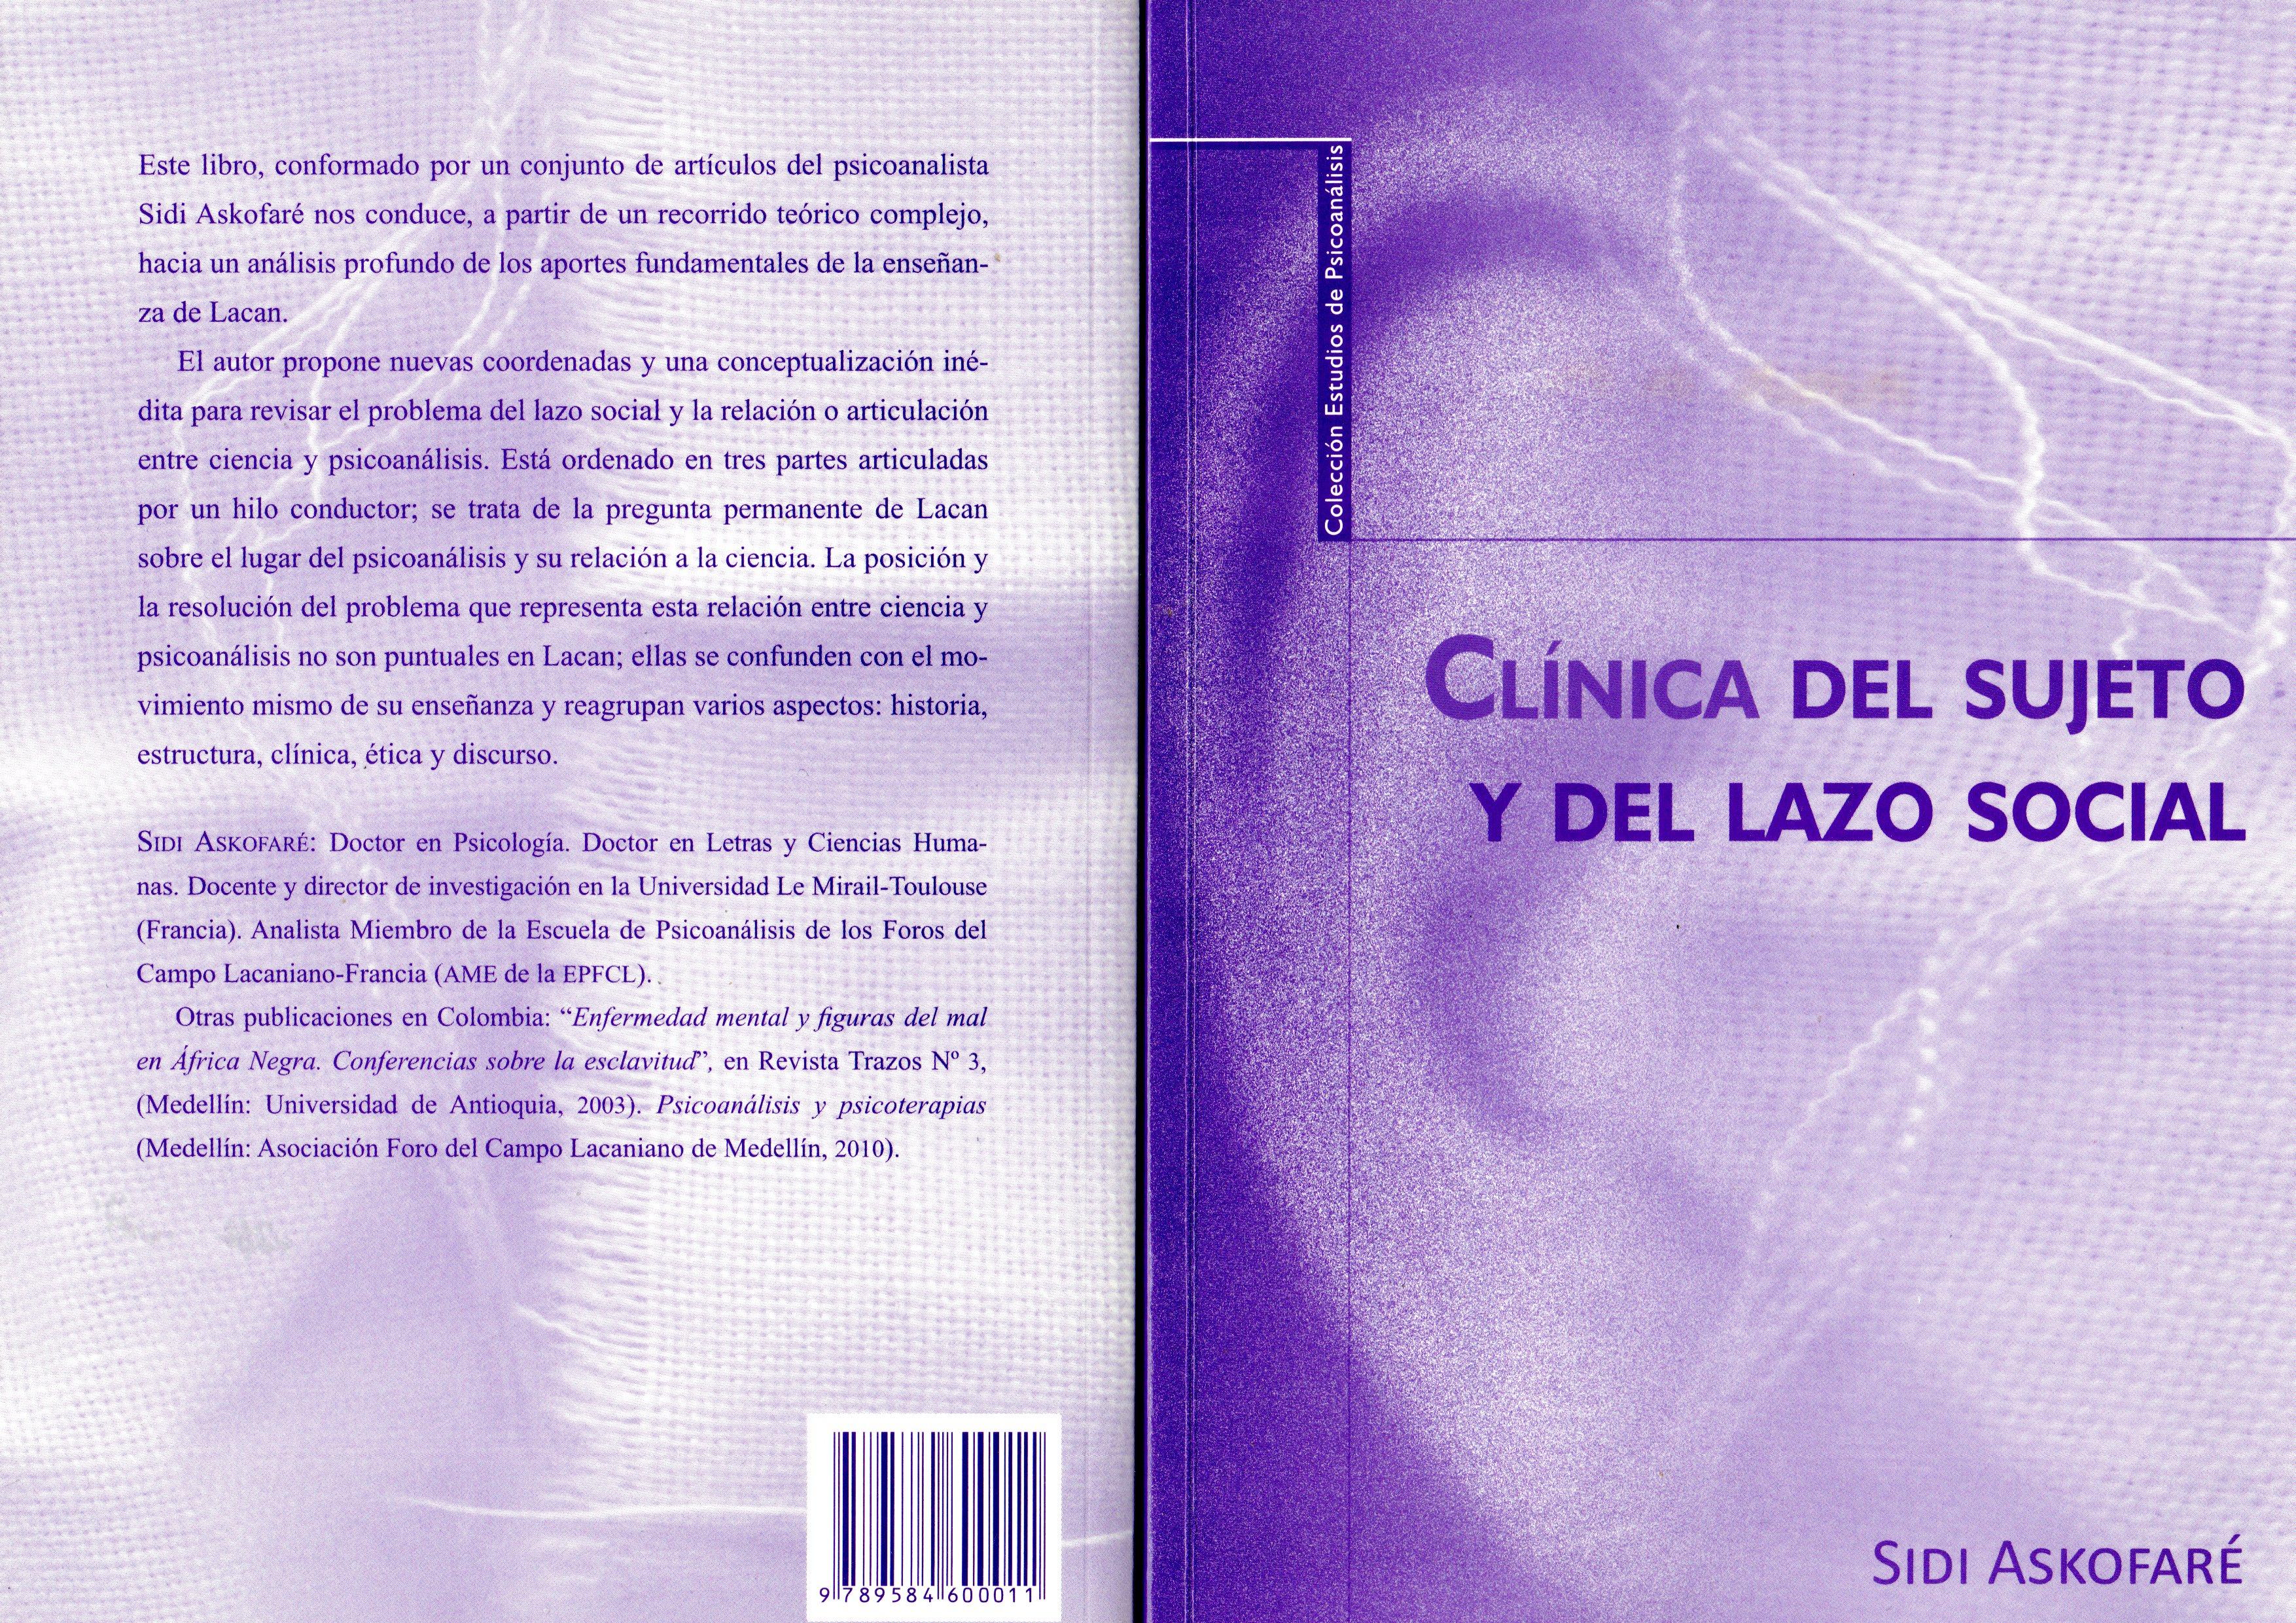 clinica-del-sujeto-30.000-gg